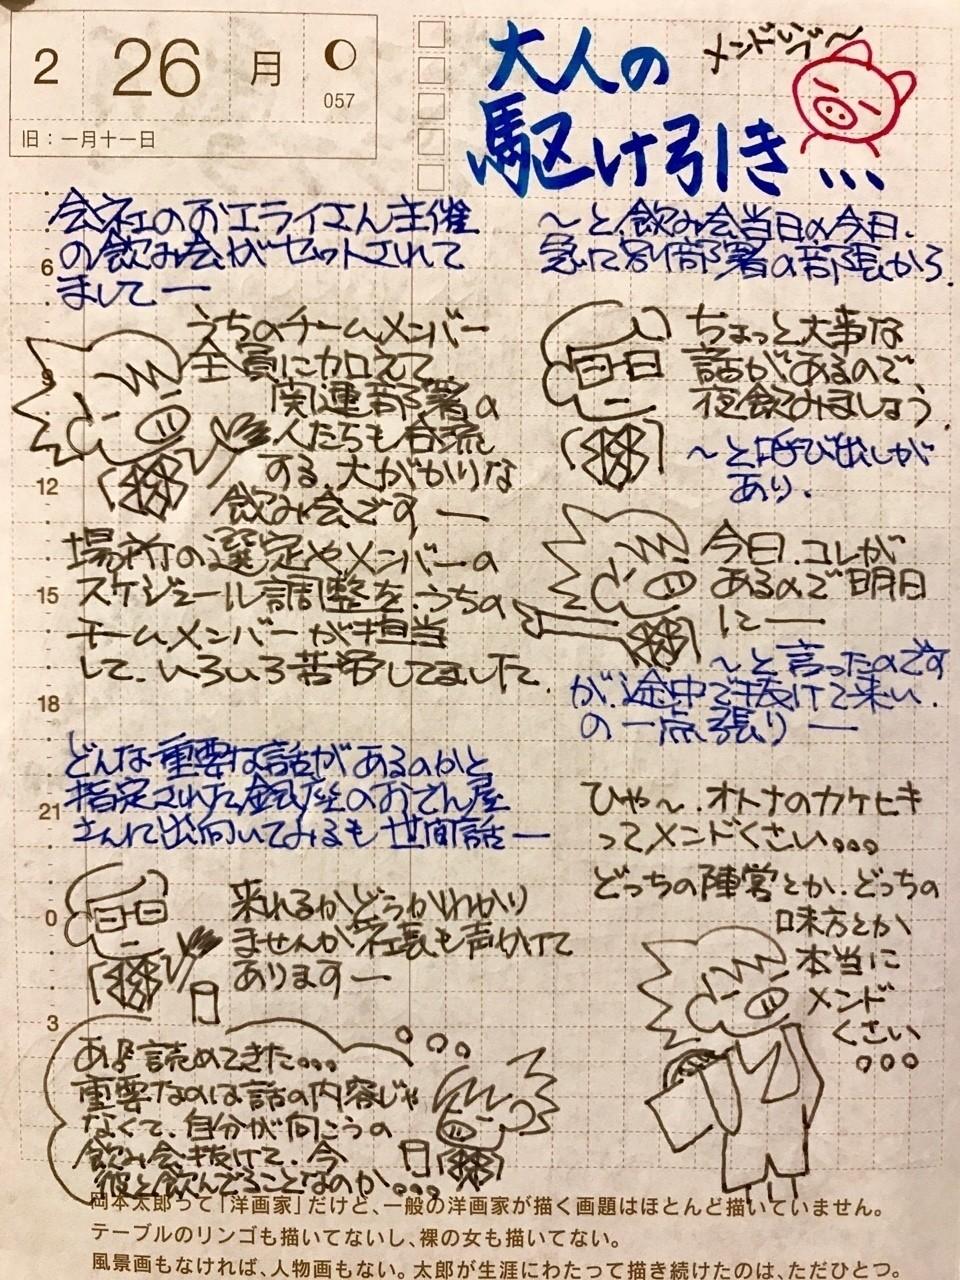 オトナの駆け引きって、なんだかめんどくさ〜い!!(-_-)    #ほぼ日手帳